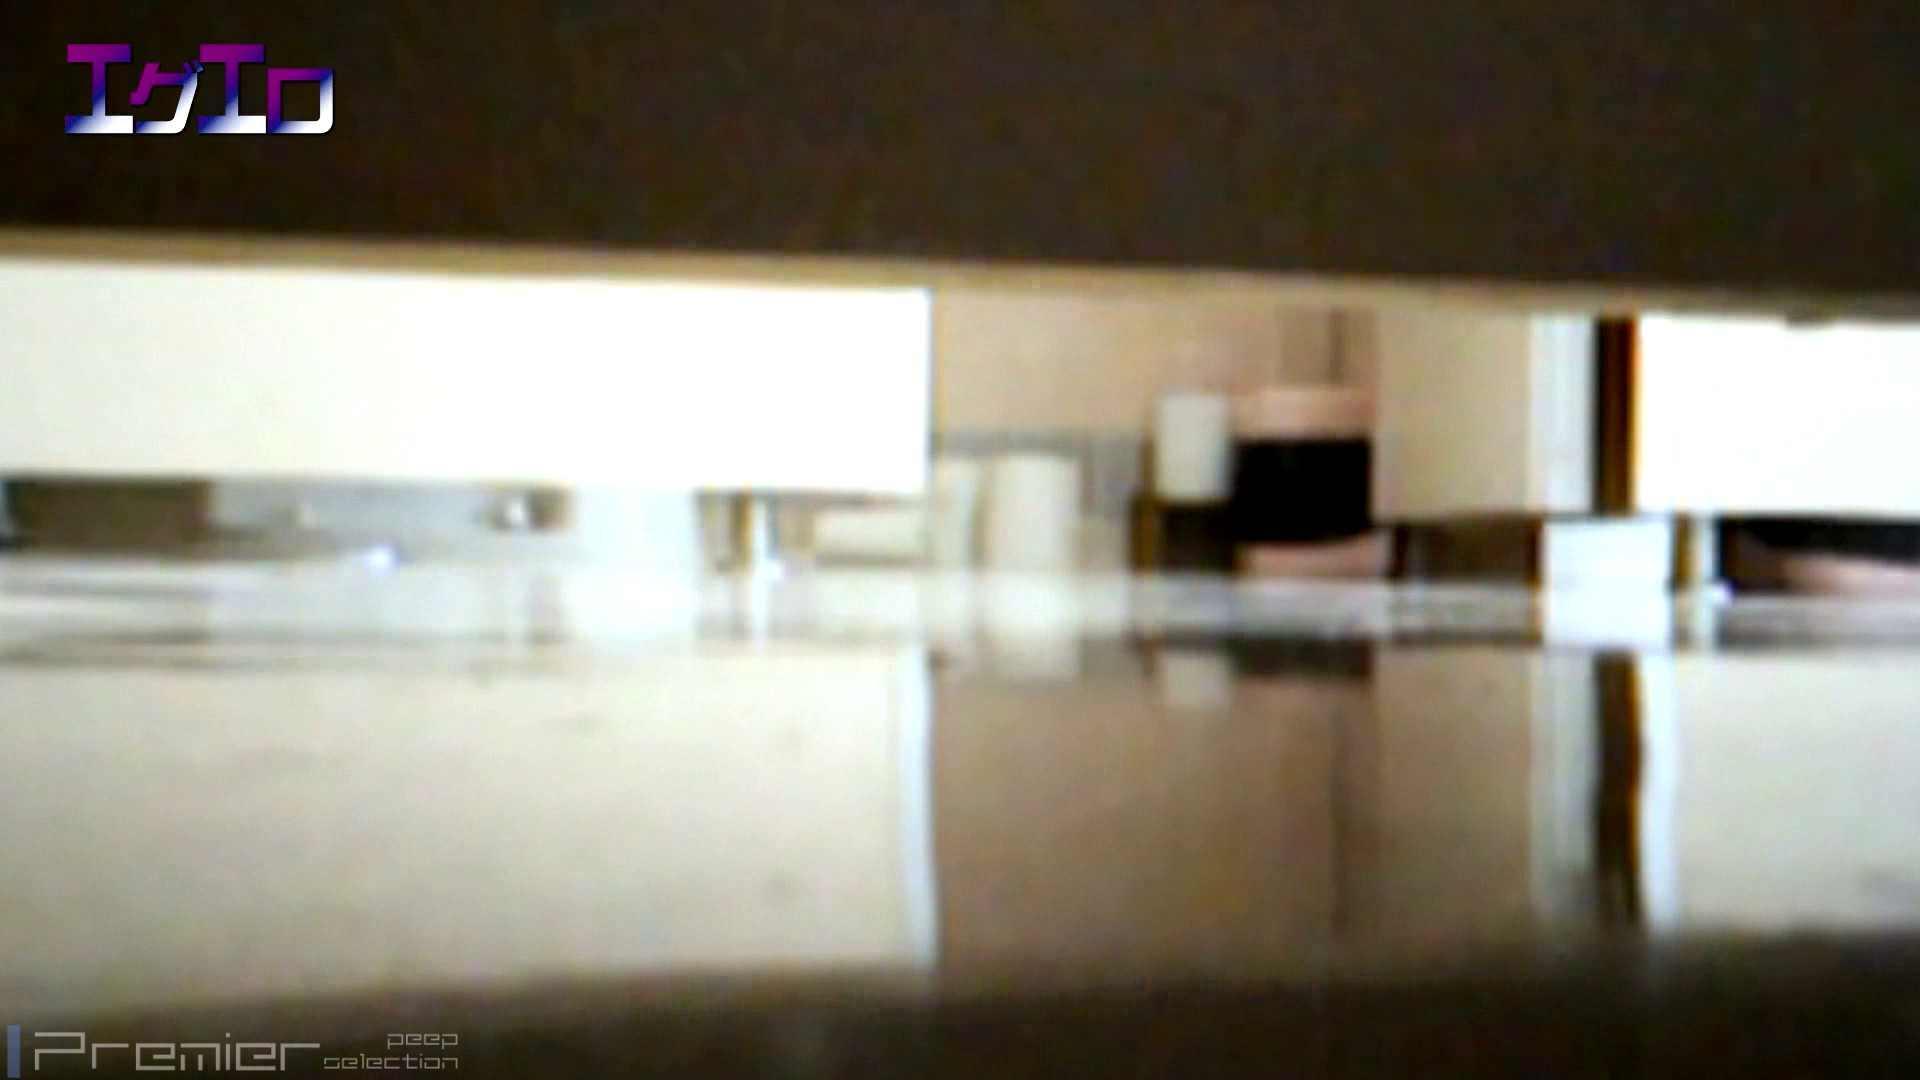 至近距離洗面所 Vol.10ブルージーンズギャルの大放nyo OL | ギャル・コレクション  61連発 54